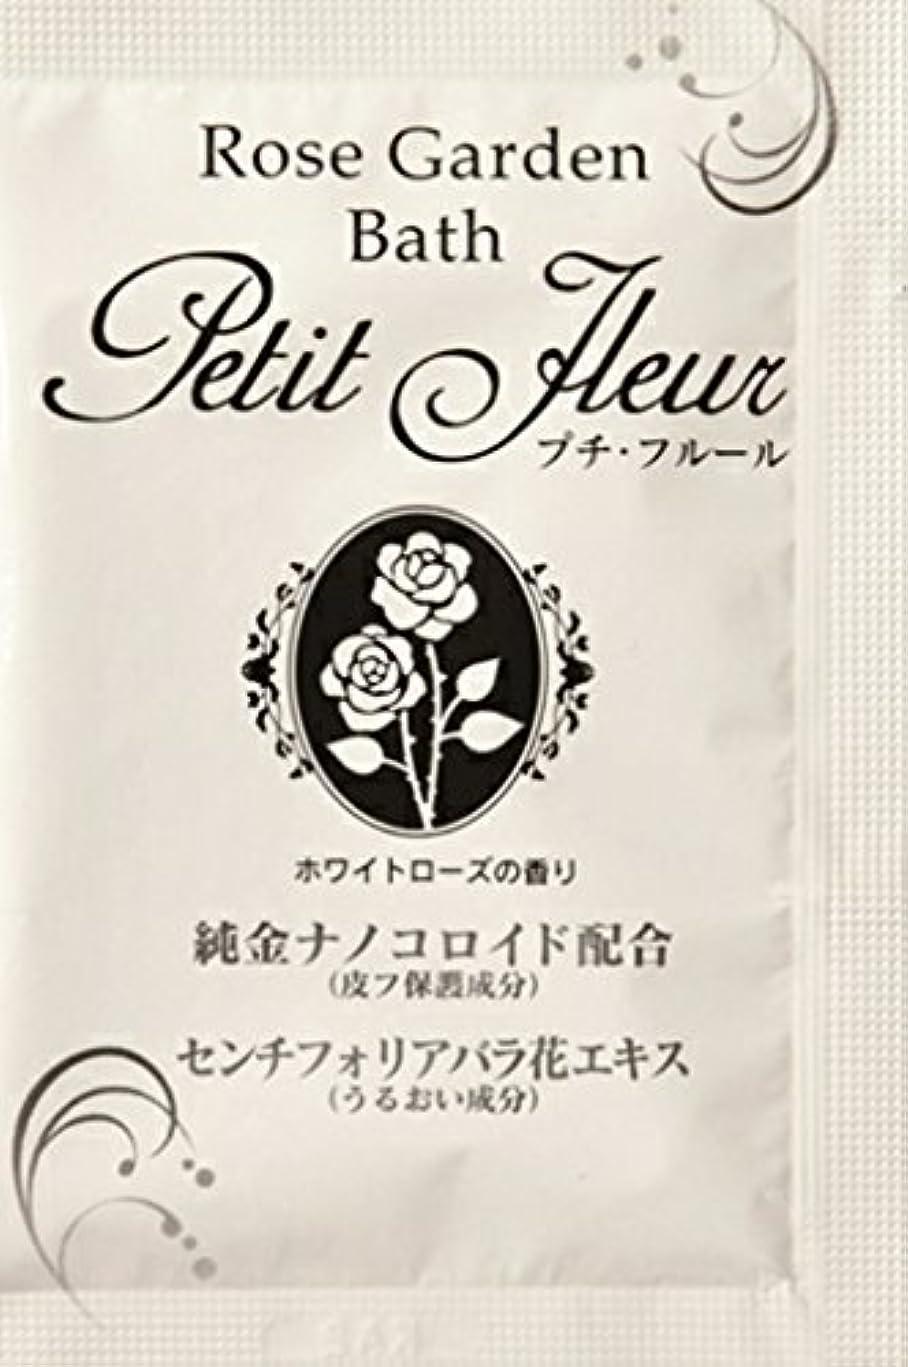 贅沢愛情コンピューター入浴剤 プチフル-ル(ホワイトロ-ズの香り)20g